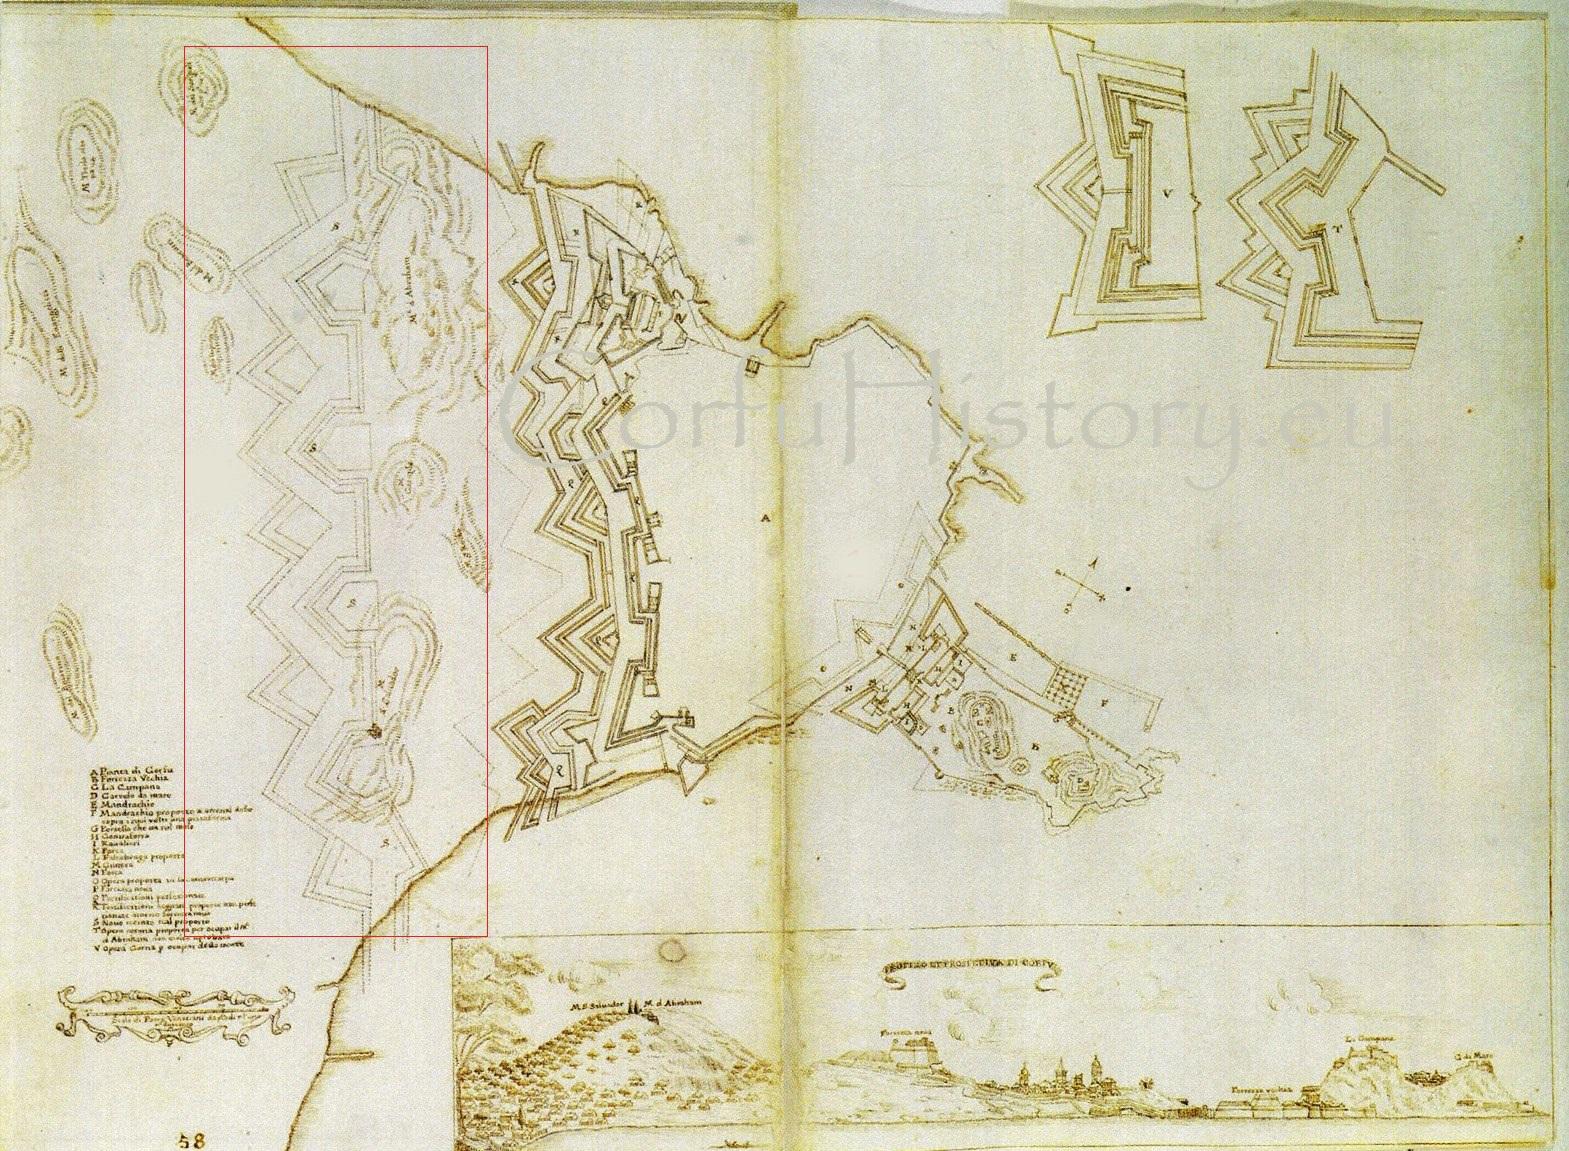 Οι δύο λόφοι του Αβράμη και Σωτήρα αποτελούσαν πραγματικό πονοκέφαλο για τους μηχανικούς της Βενετίας. Εδώ μια πρόταση του 18ου αι. με ένα νέο προμαχωνικό μέτωπο πέρα από τους λόφους.